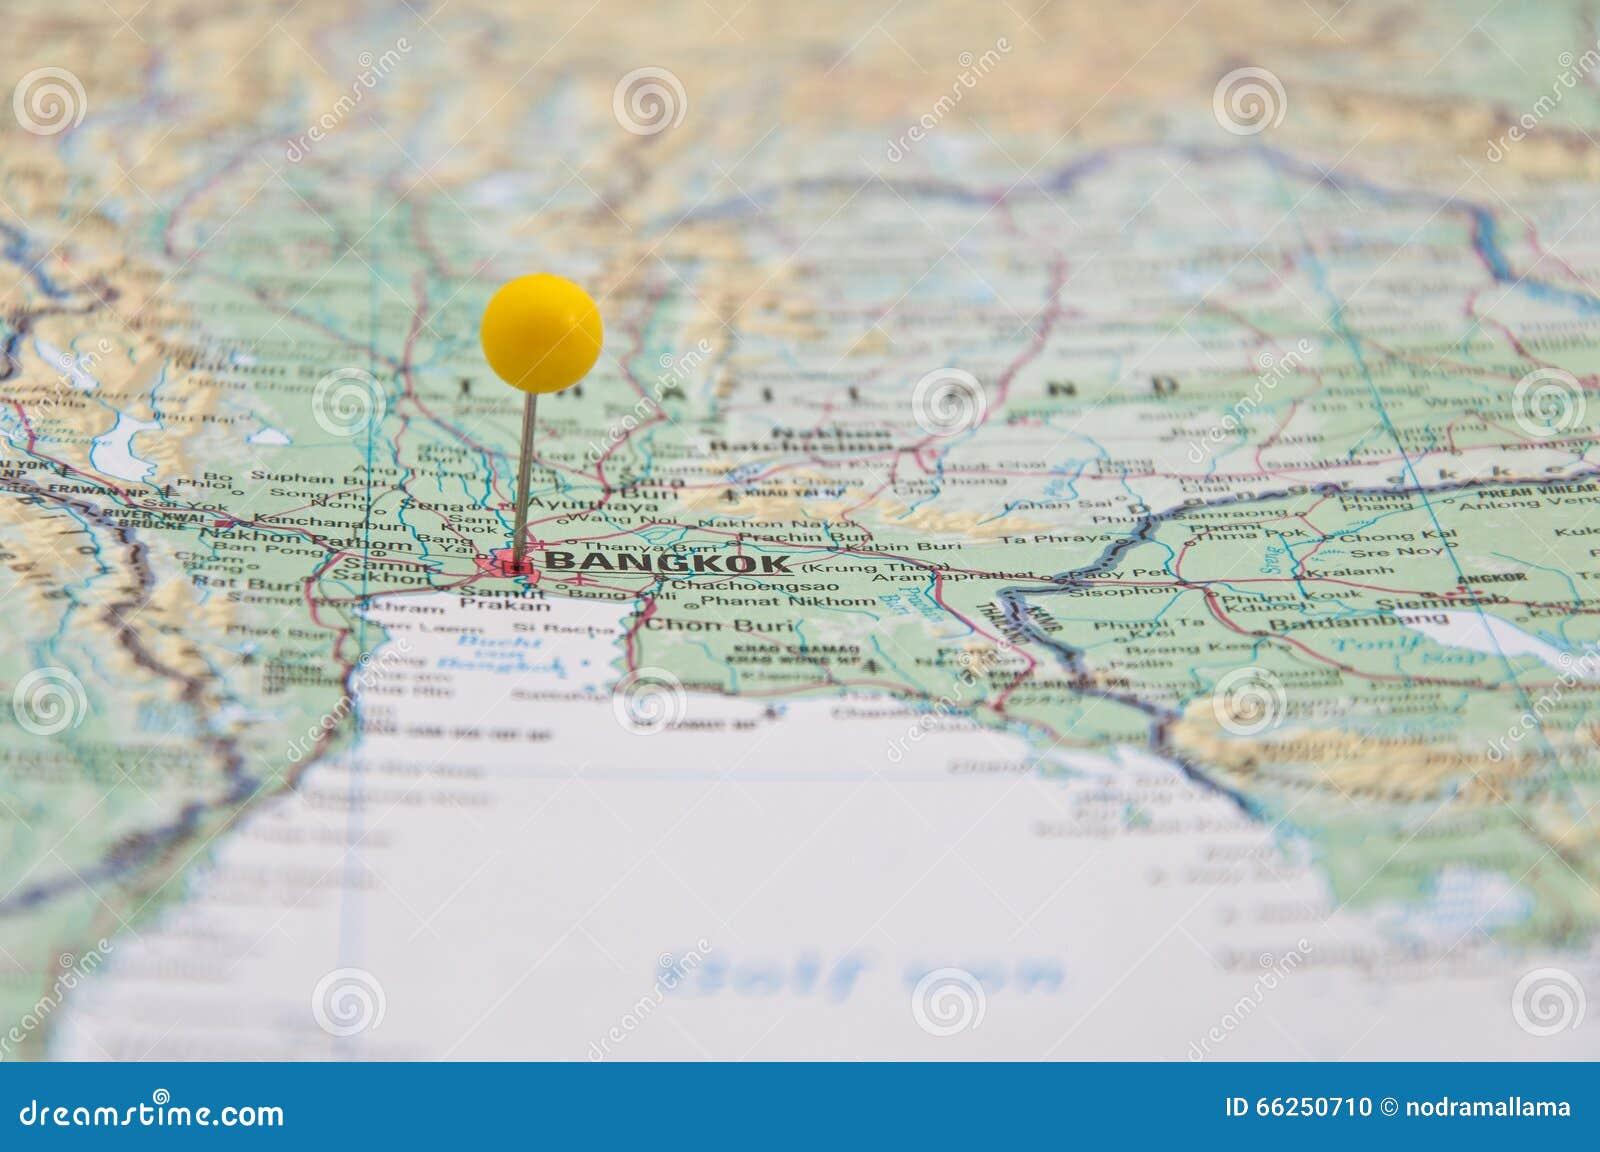 Bangkok, Thailand, Yellow Pin, Close-Up of Map.